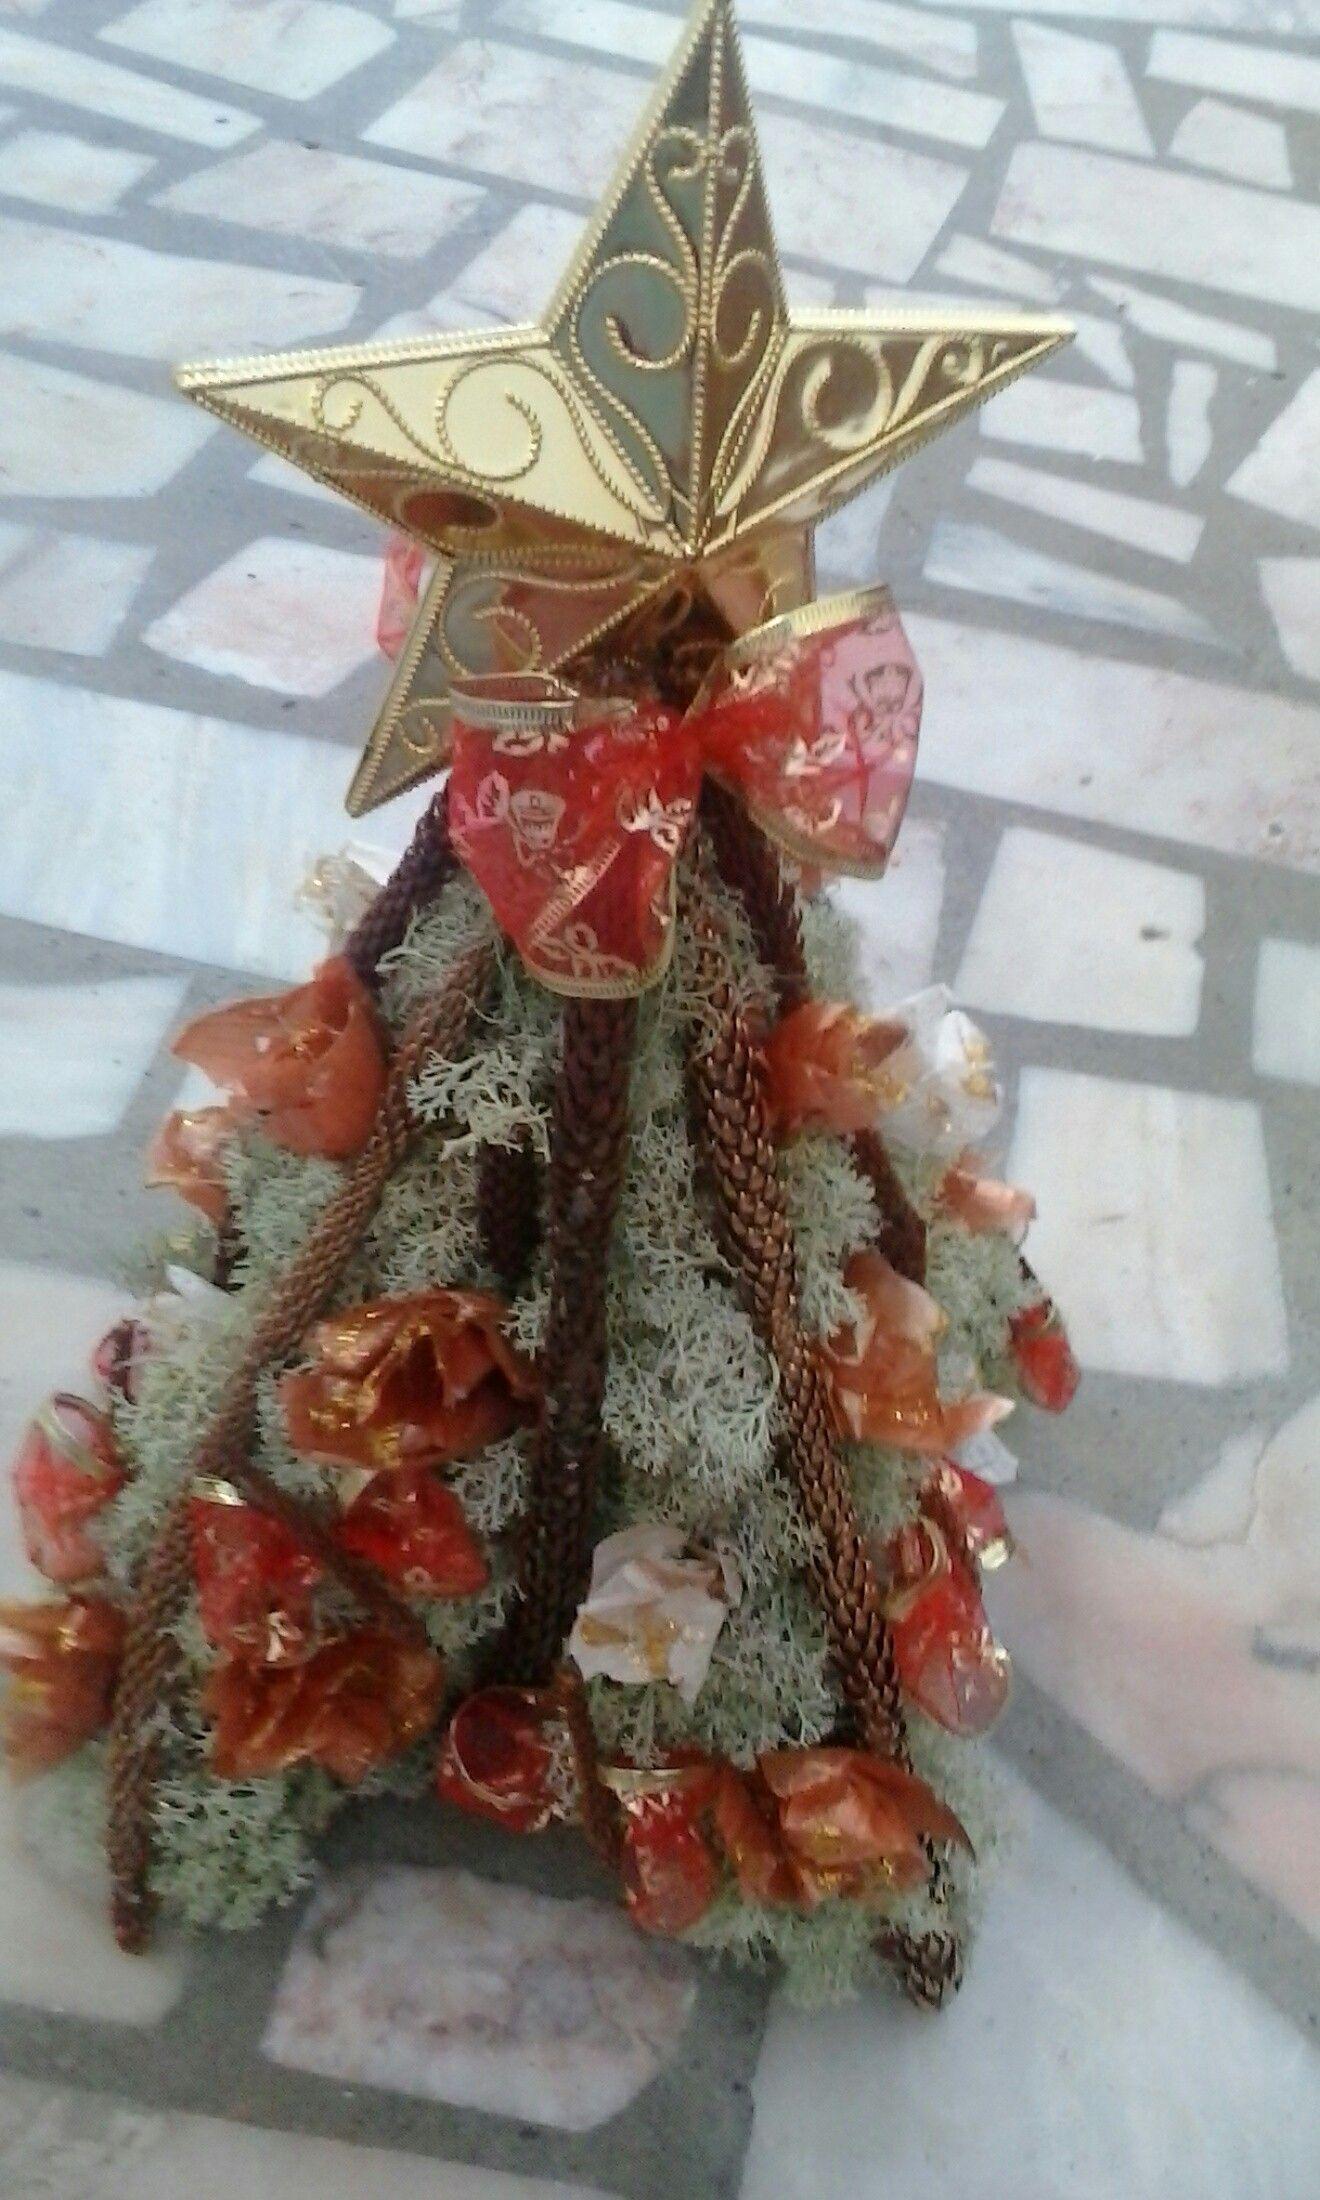 Arvore De Natal Feita De Casca De Cebola E Alho Arvore De Natal